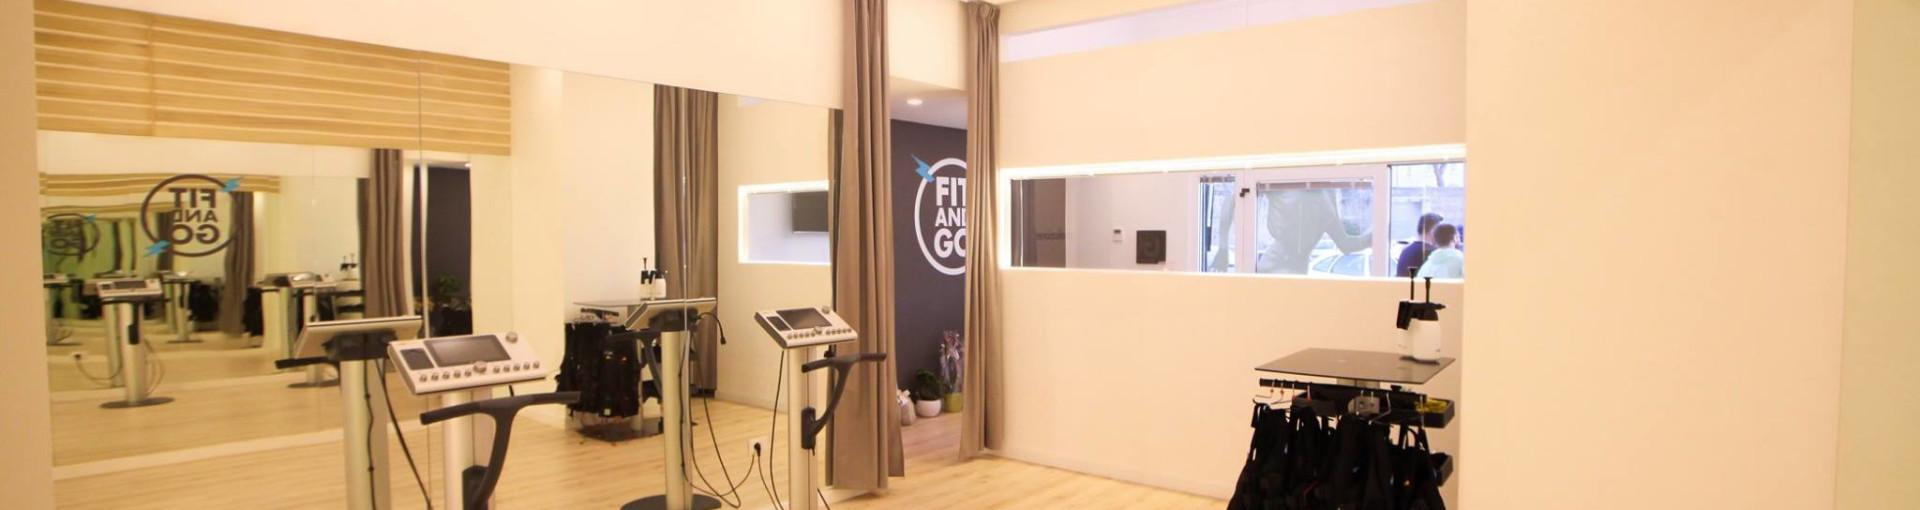 Fit and Go Aversa - Aversa